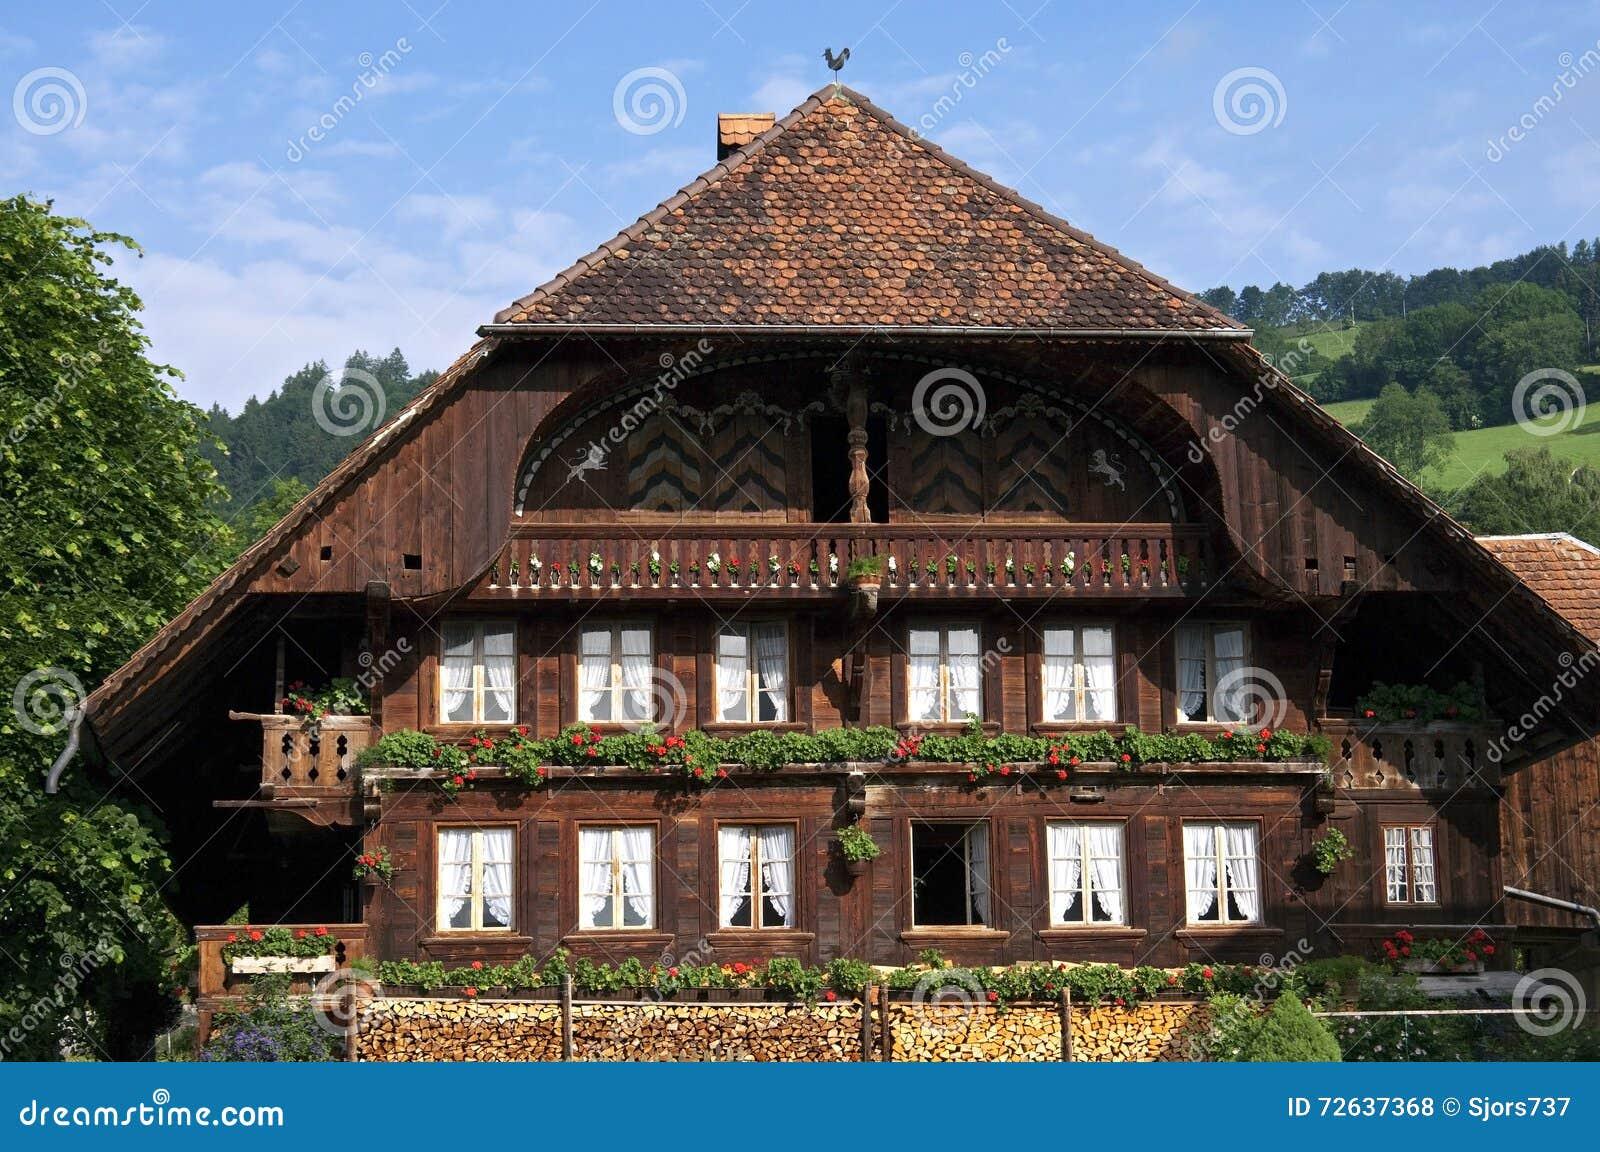 Case Di Montagna In Legno : Consigli per arredare una casetta di legno